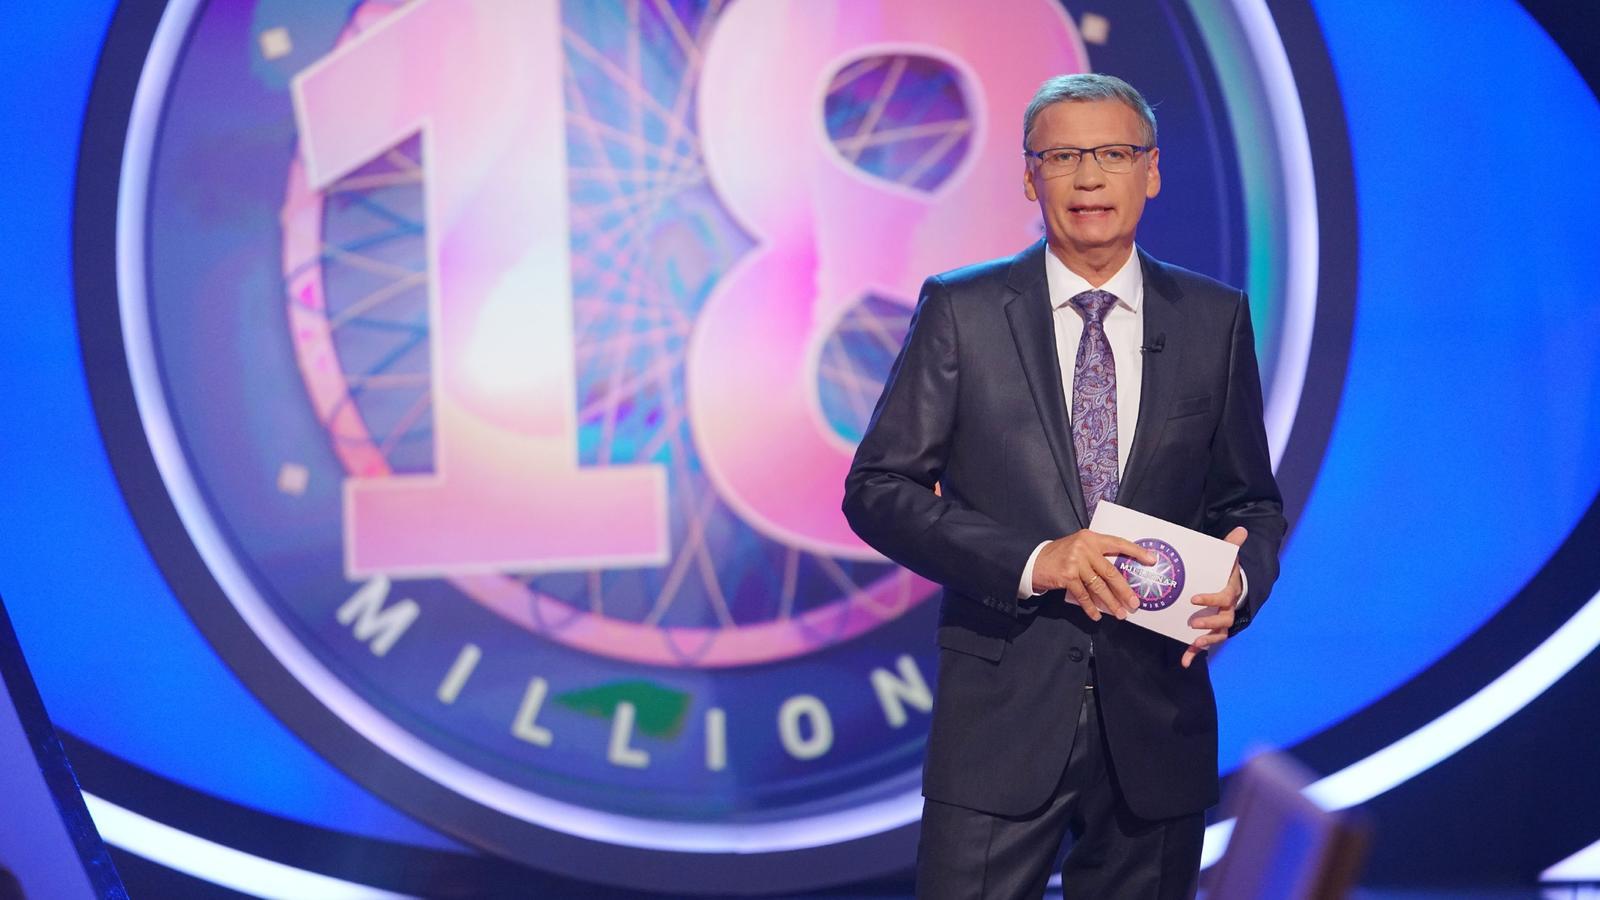 wer wird millionr mit gnther jauch feiert 18 geburtstag - Wer Wird Millionar Bewerben